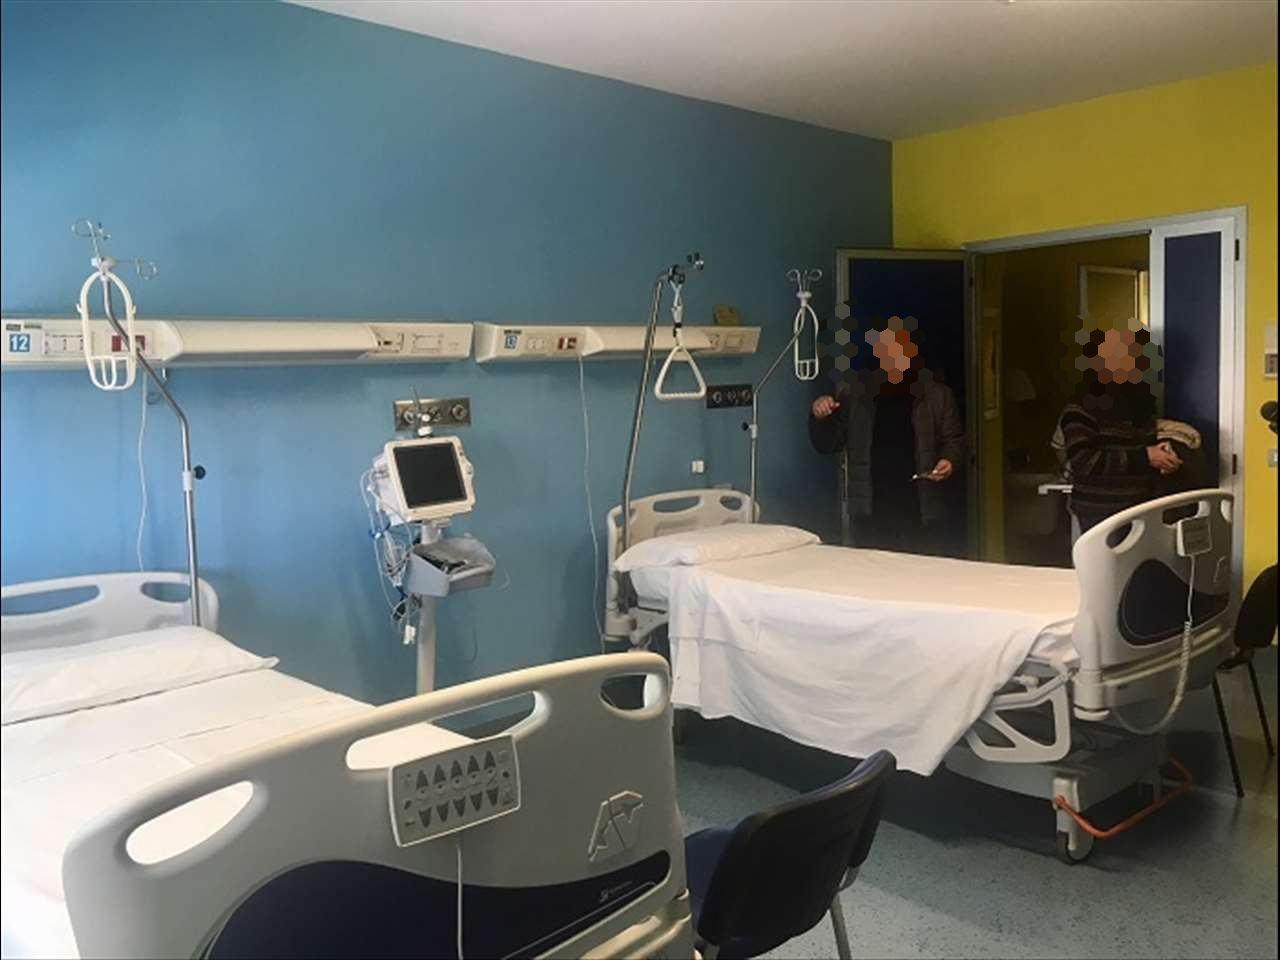 Centro Geriatrico in degenza Covid a Terni, grave situazione